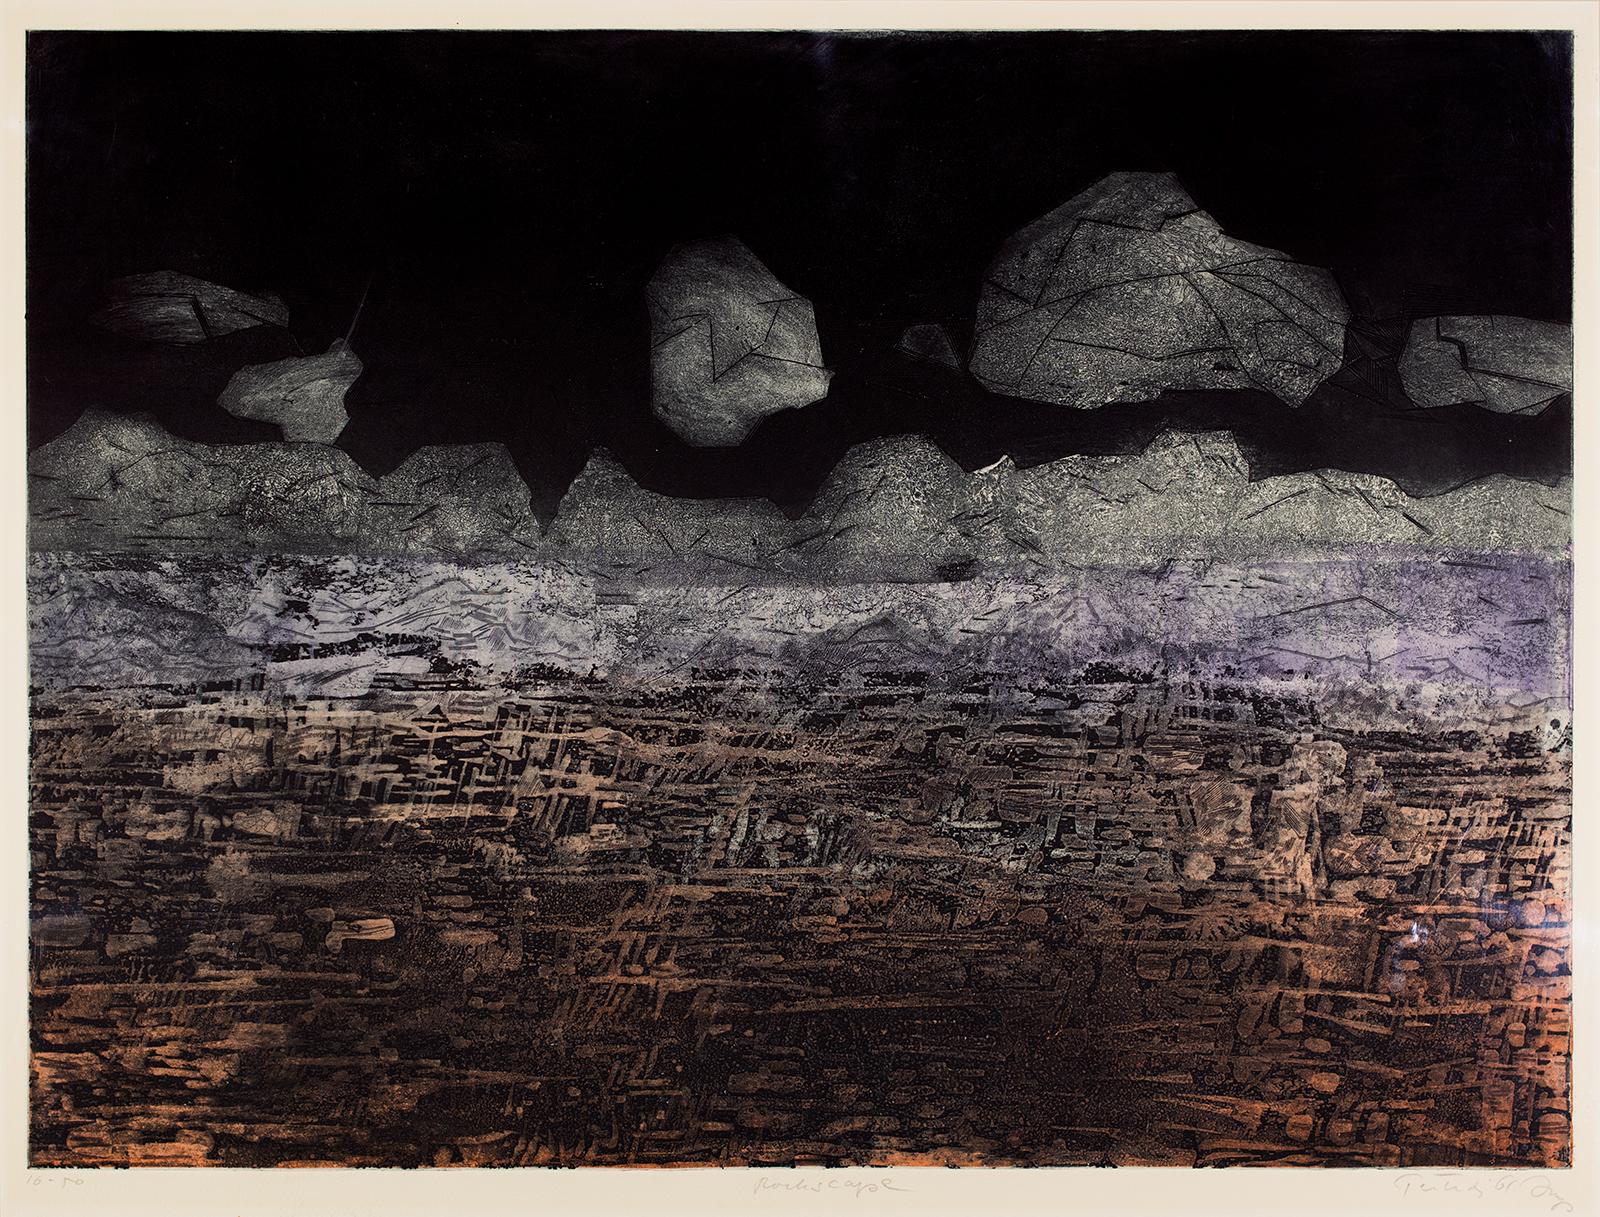 Gabor Peterdi, Rockscape